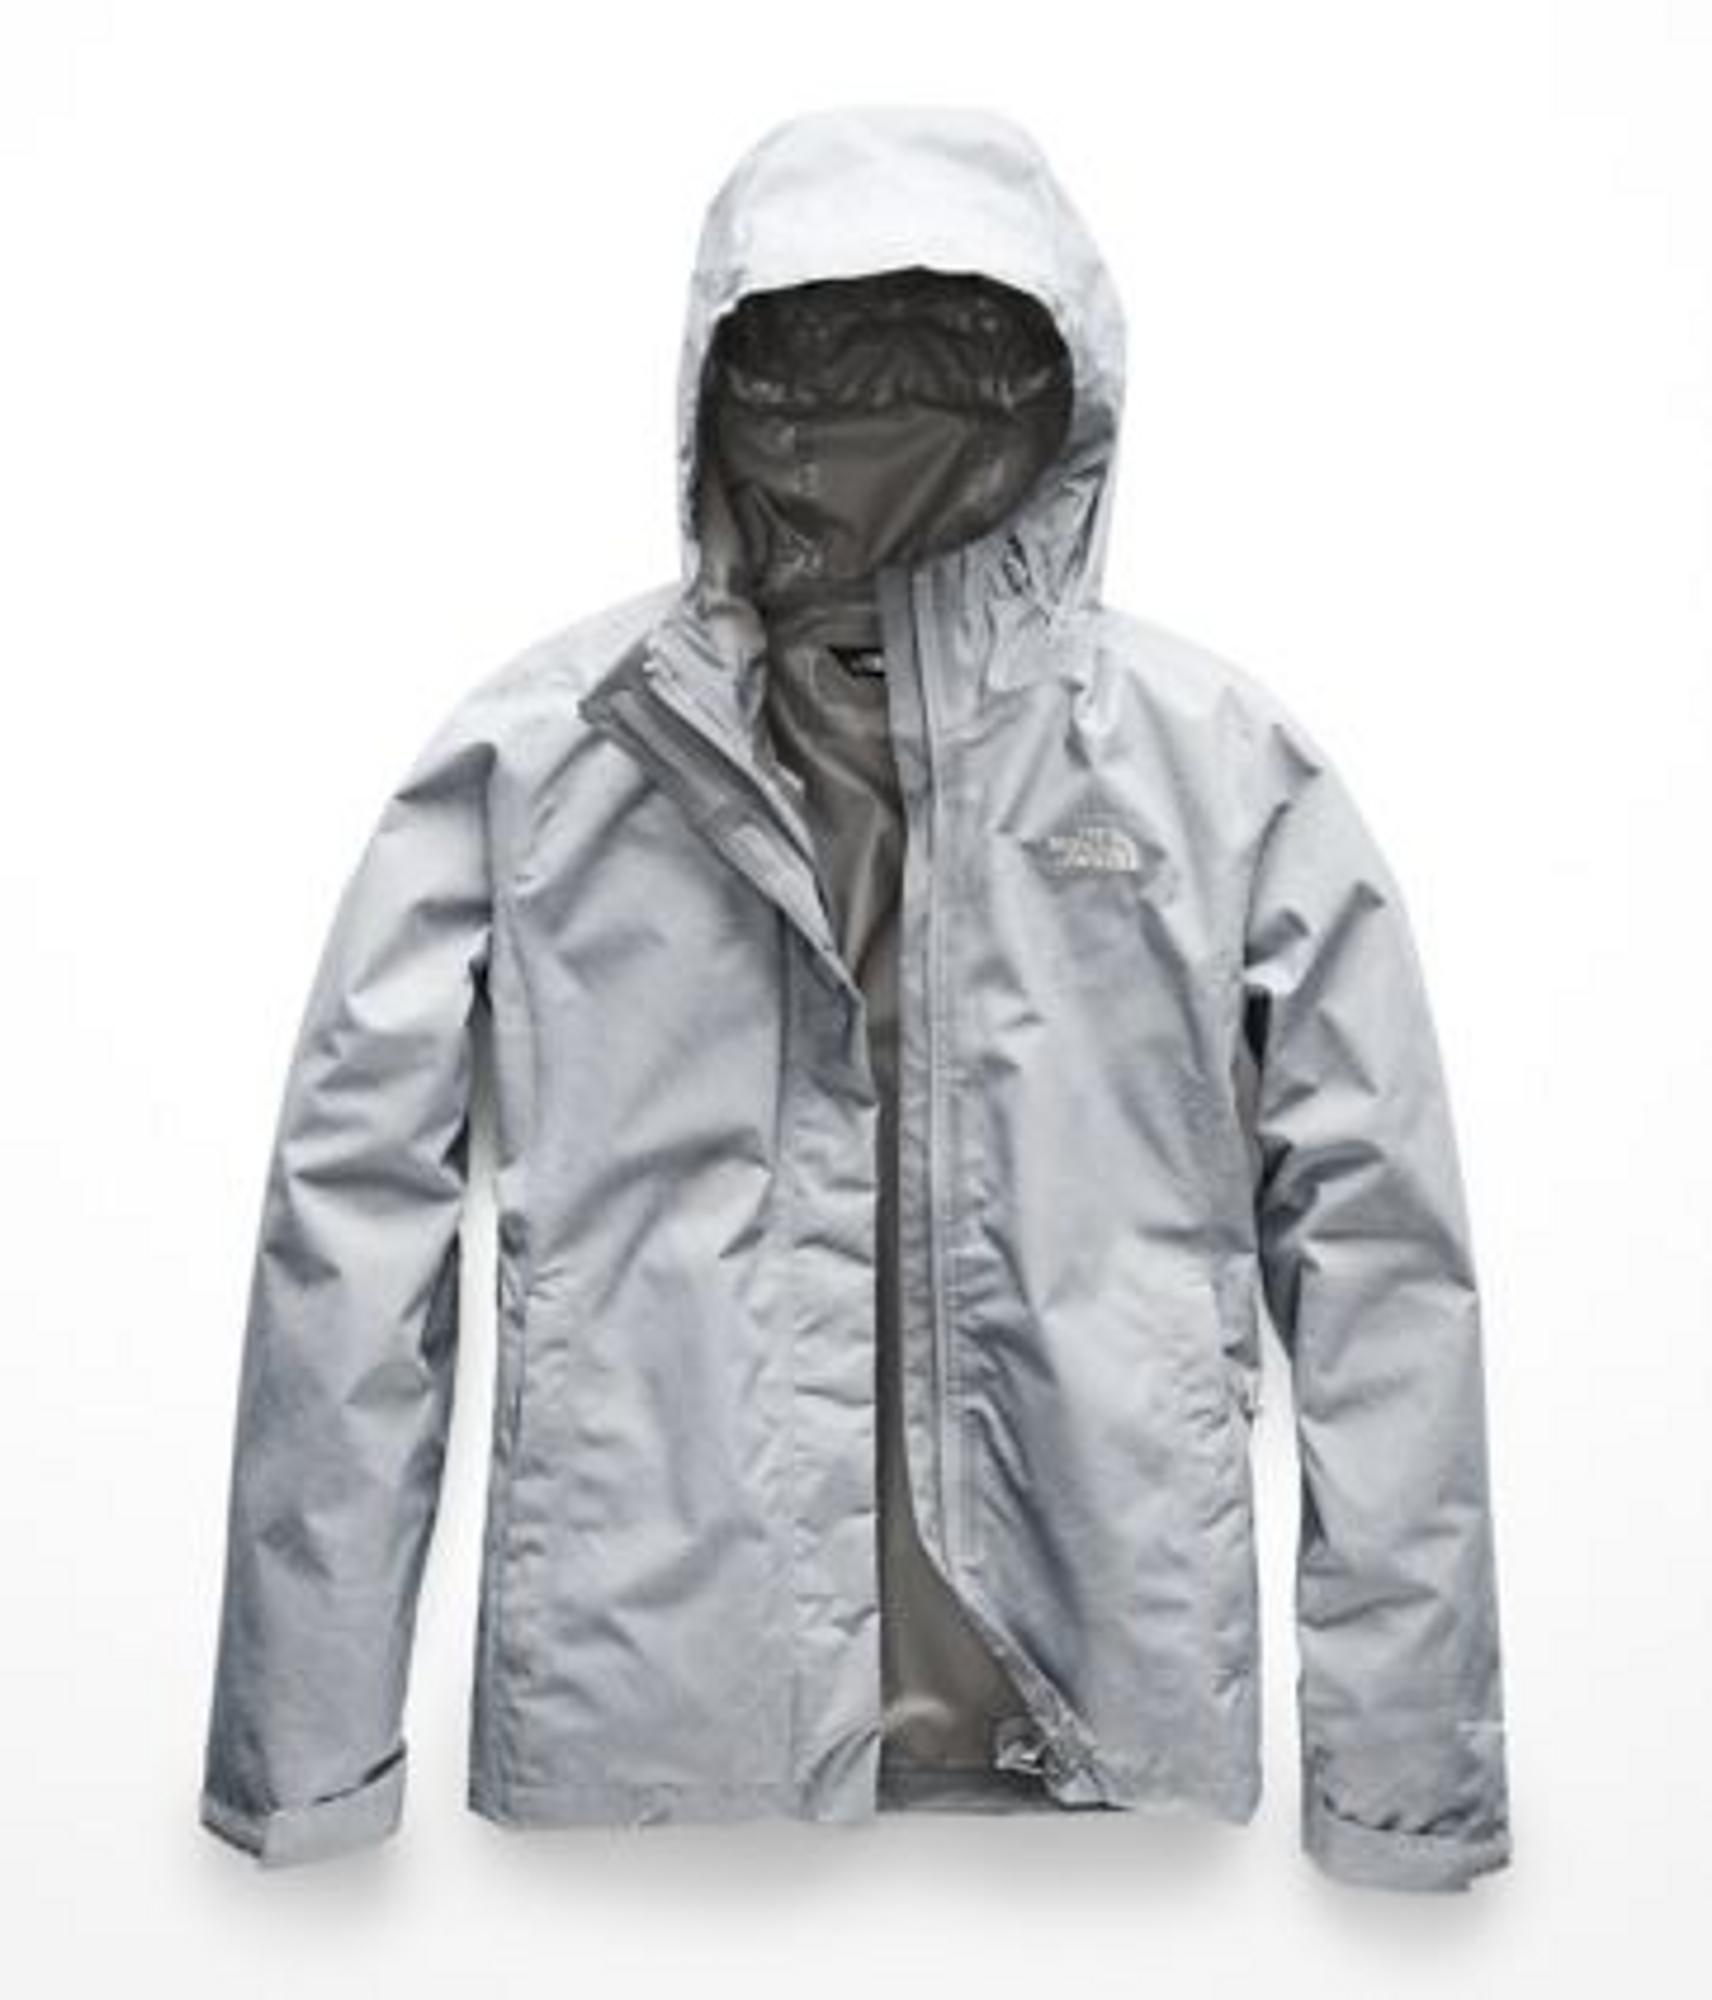 b12fa1f09 Women's Print Venture Jacket Mid Grey Linear Topo Print